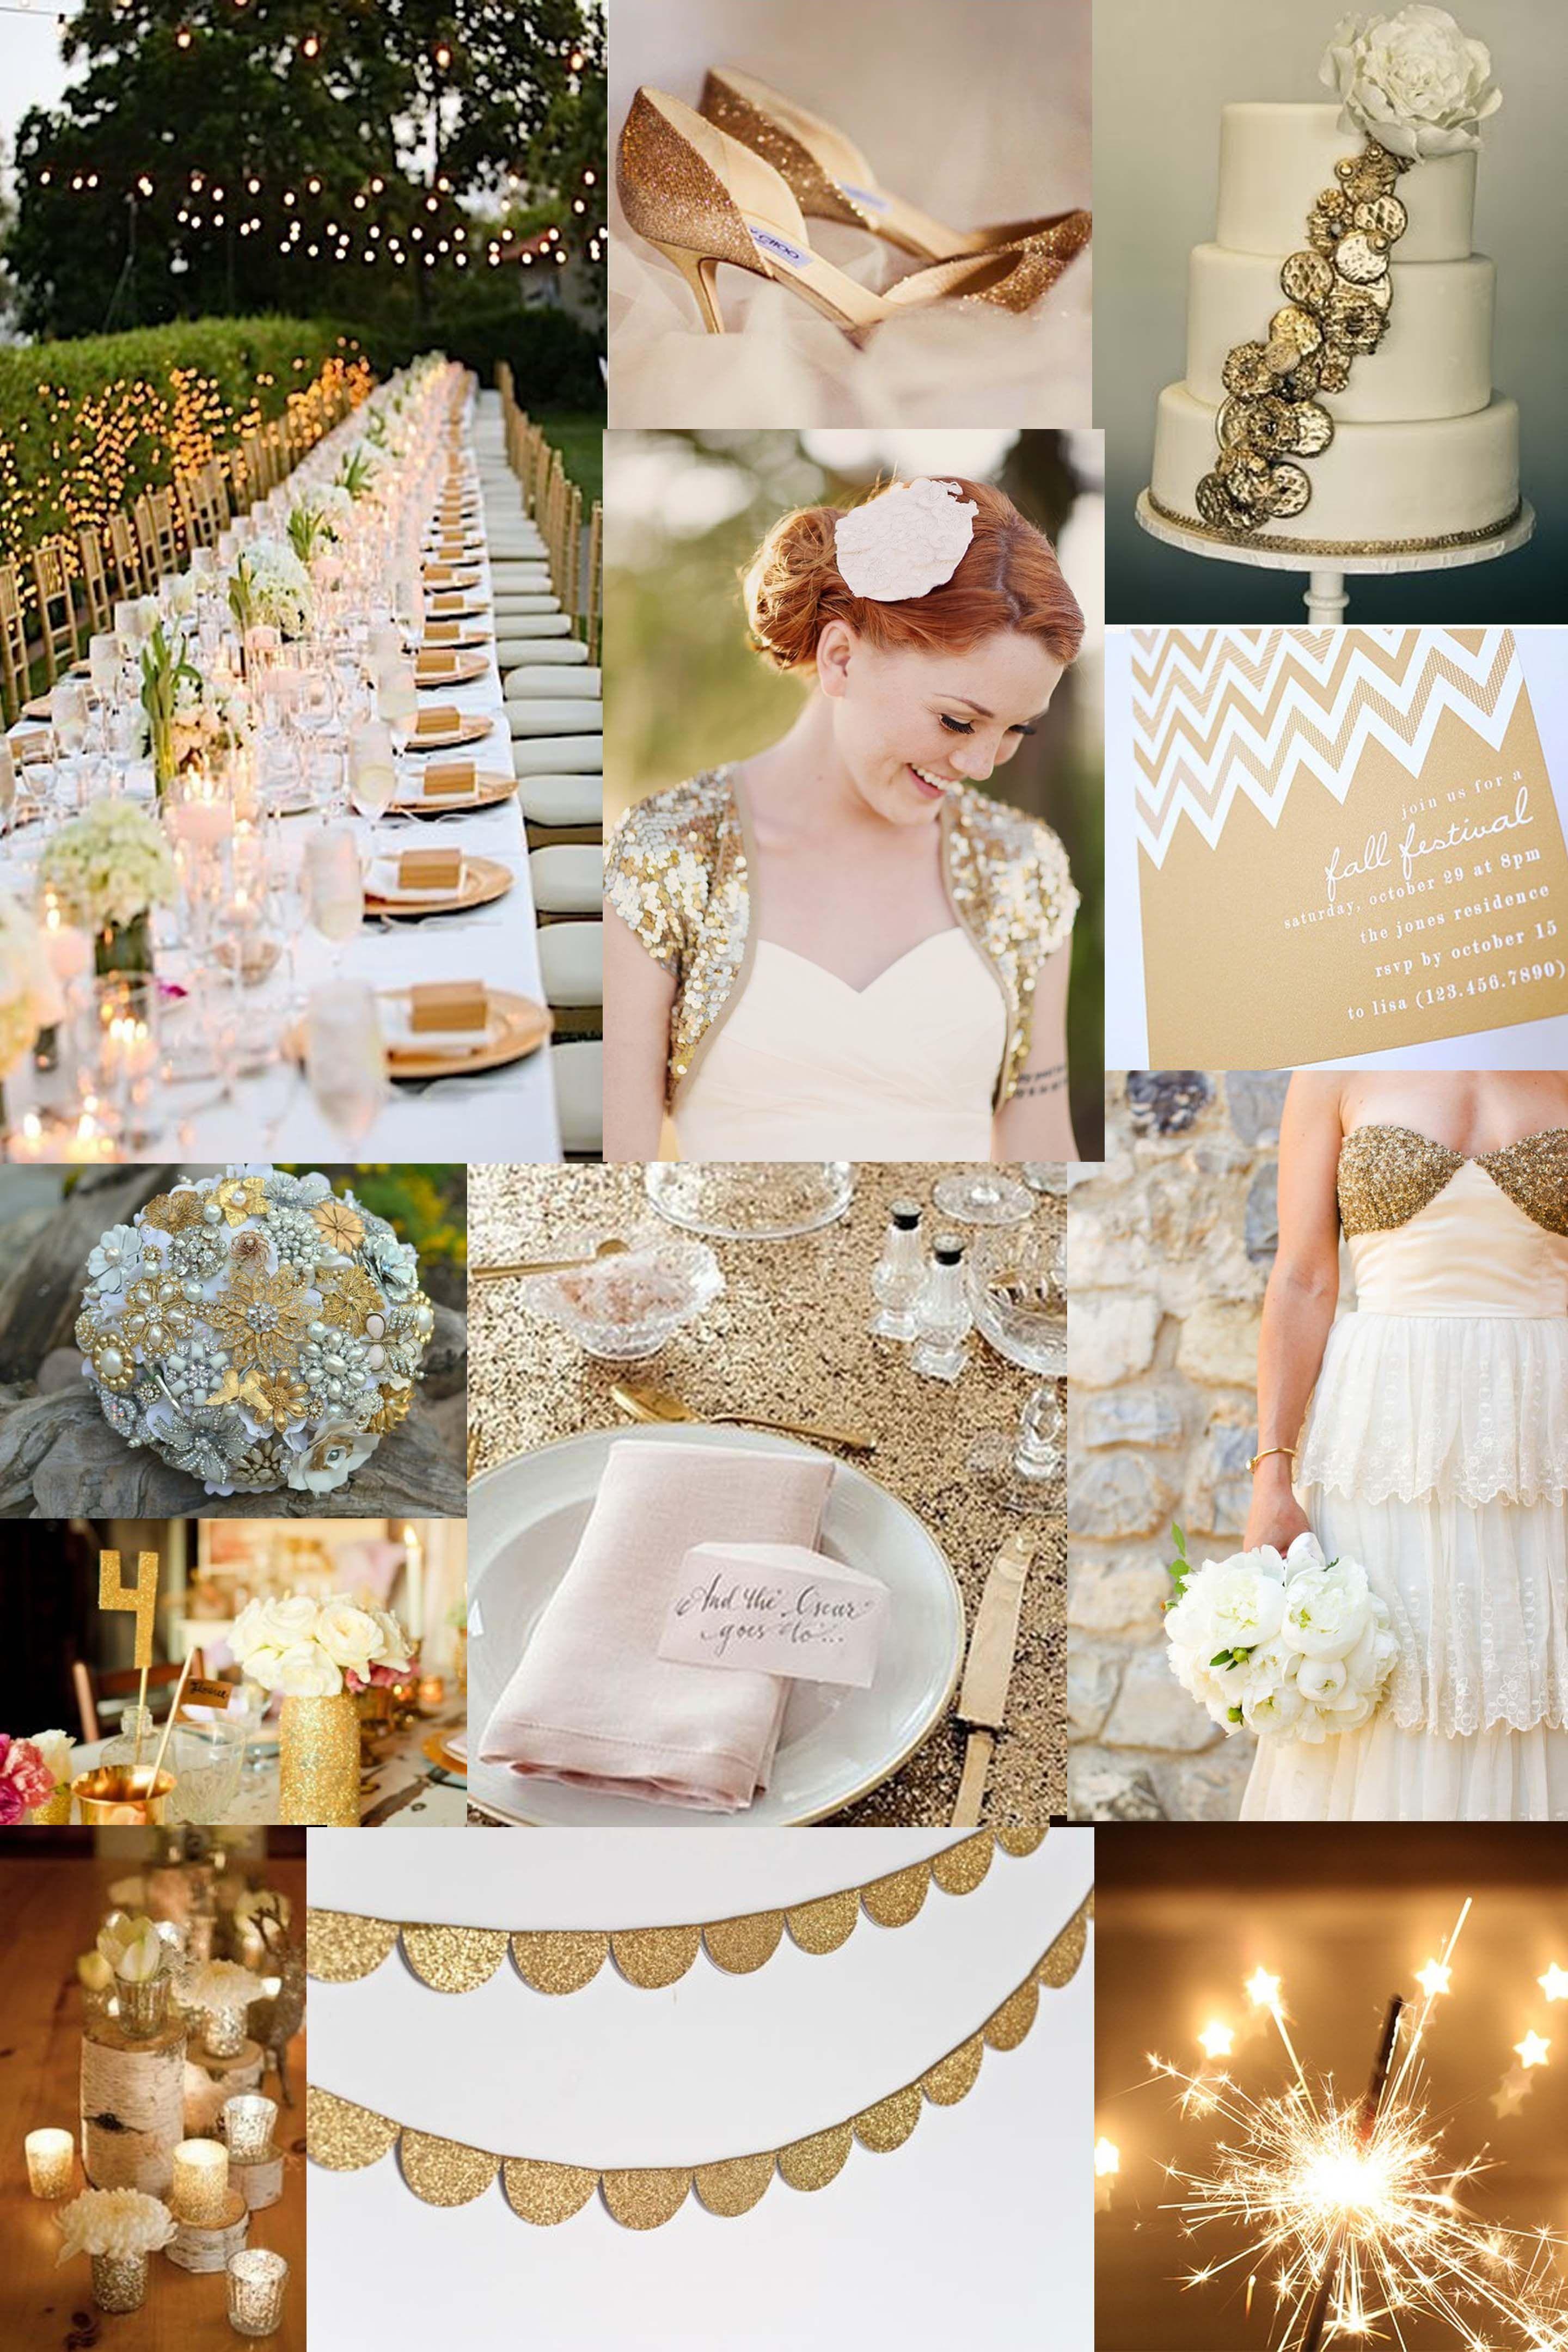 Goldene Hochzeit Inspiration Stylish Glanzend Und Romantisch Goldene Hochzeit Hochzeit Dekoration Hochzeit